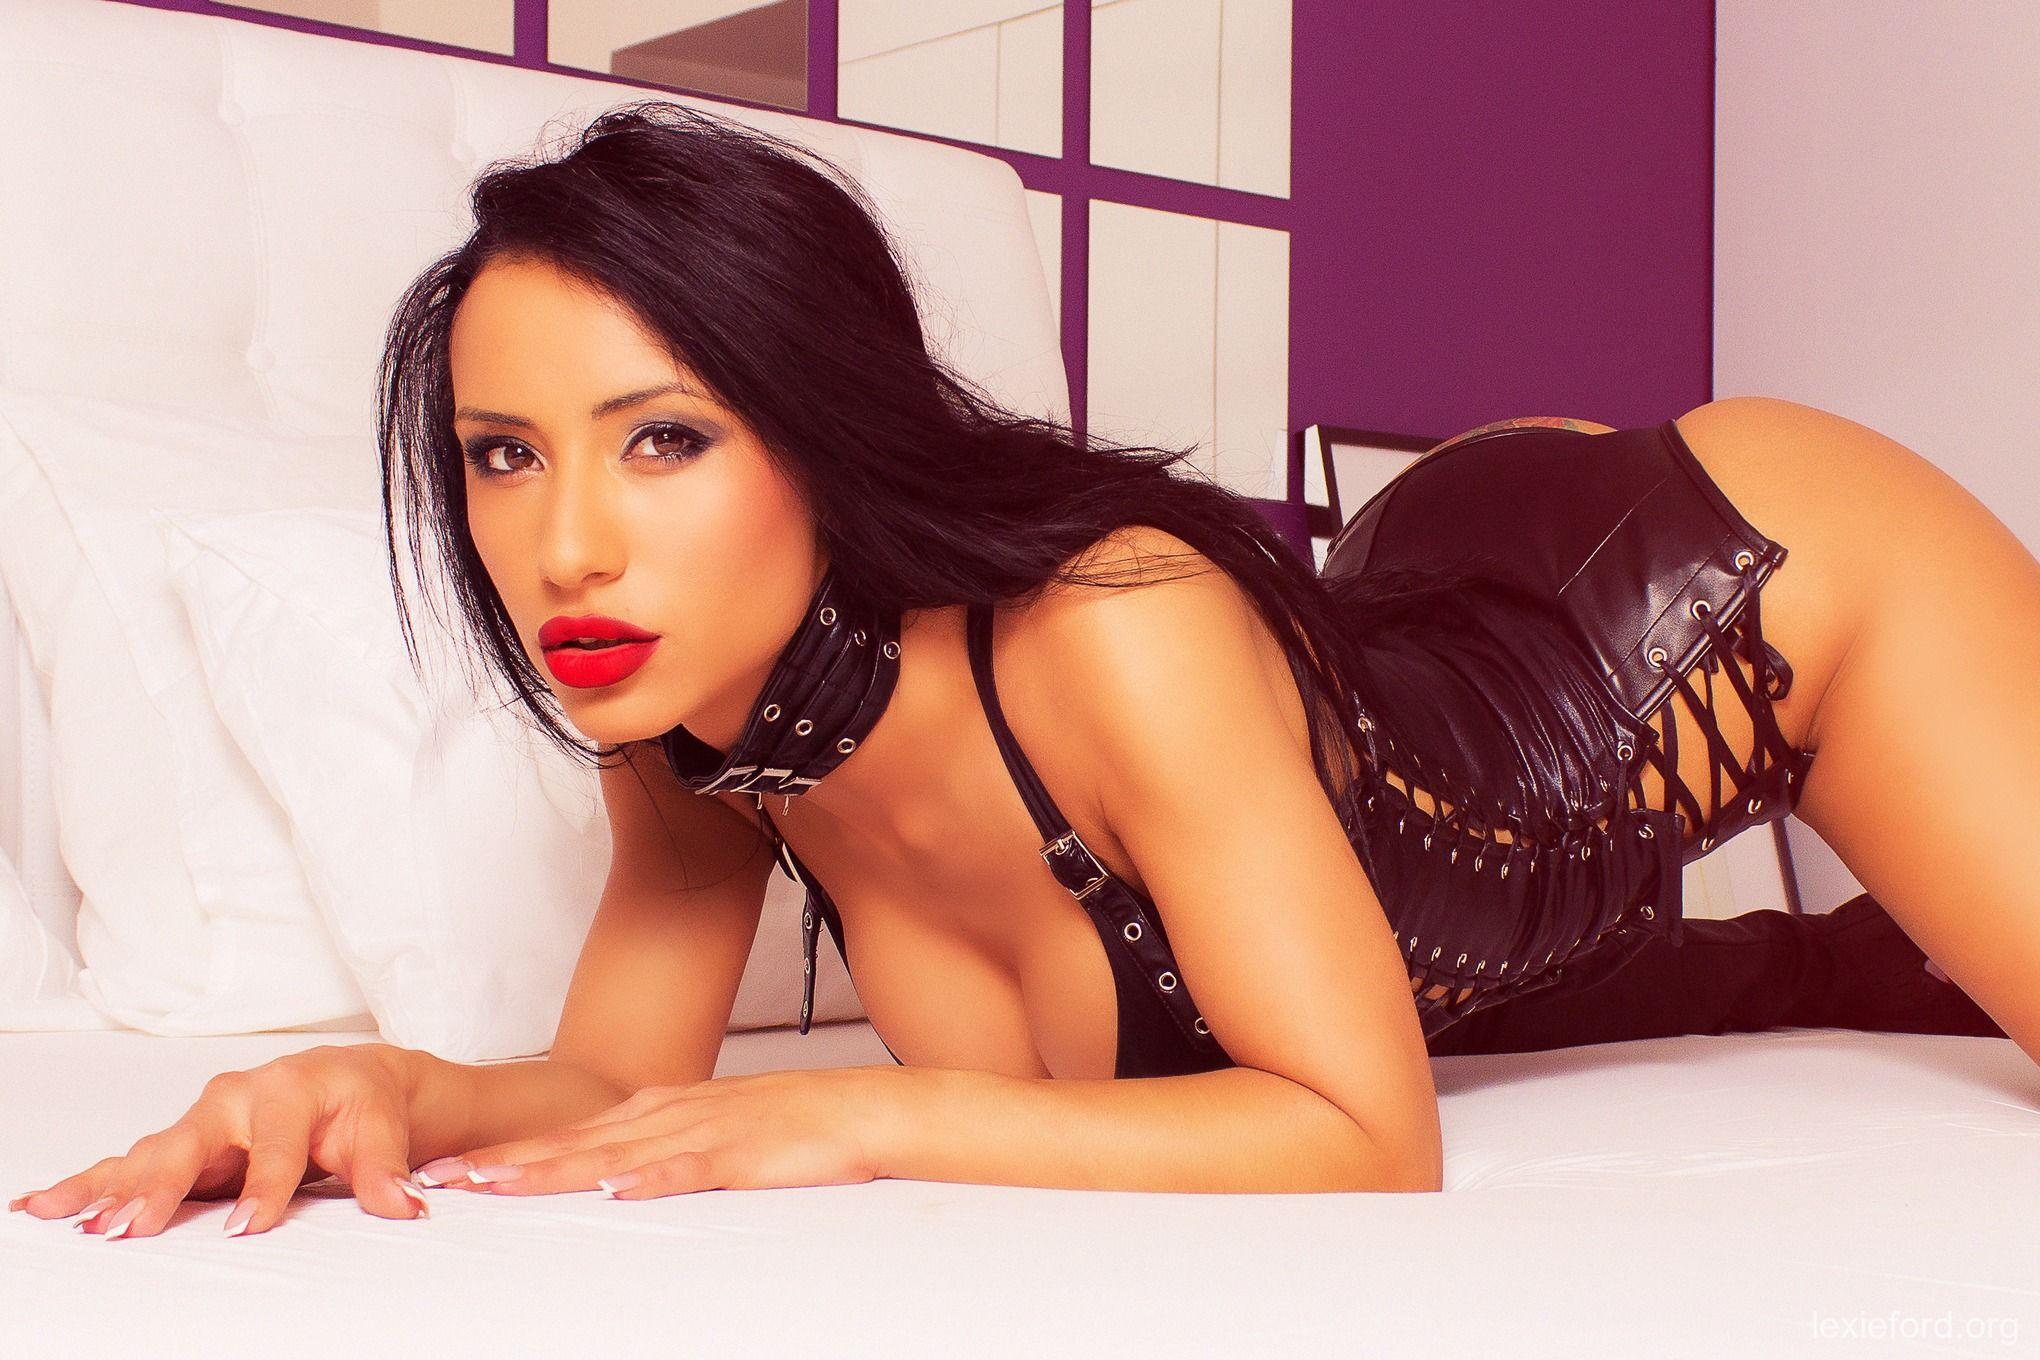 spain Erotic modeling